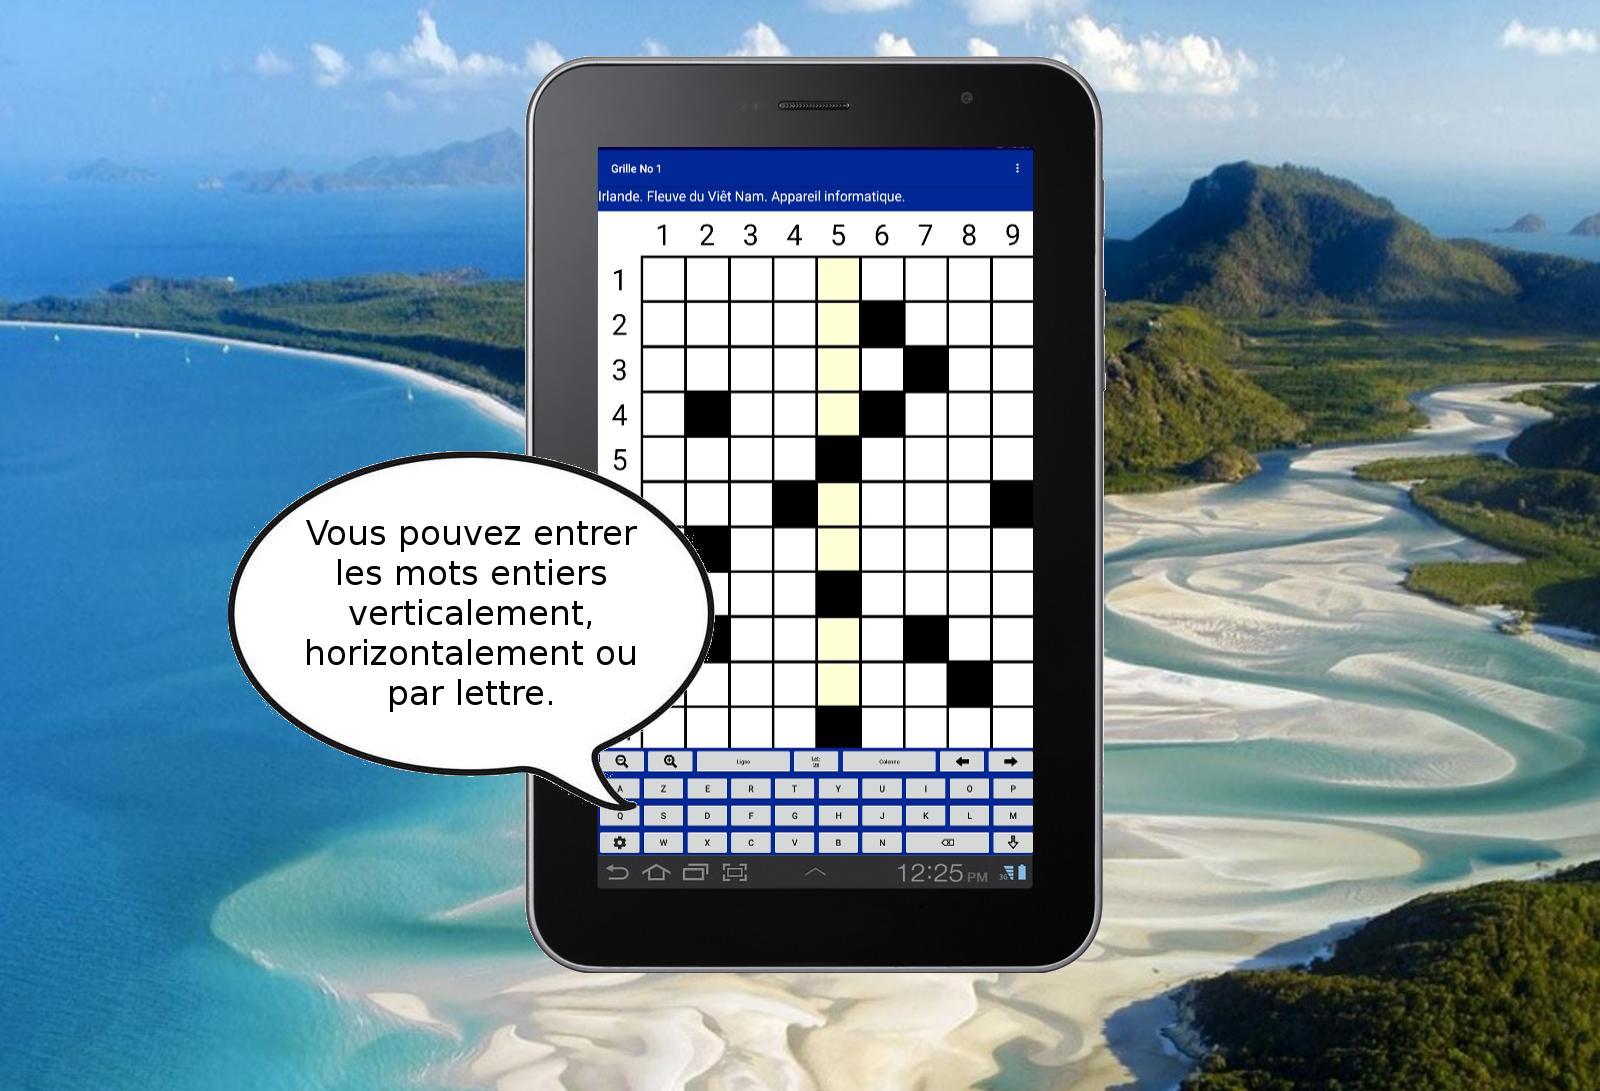 Android Için Mots Croisés Gratuits 2 - Jeu De Lettres. - Apk intérieur Jeux De Mots Croisés Gratuits